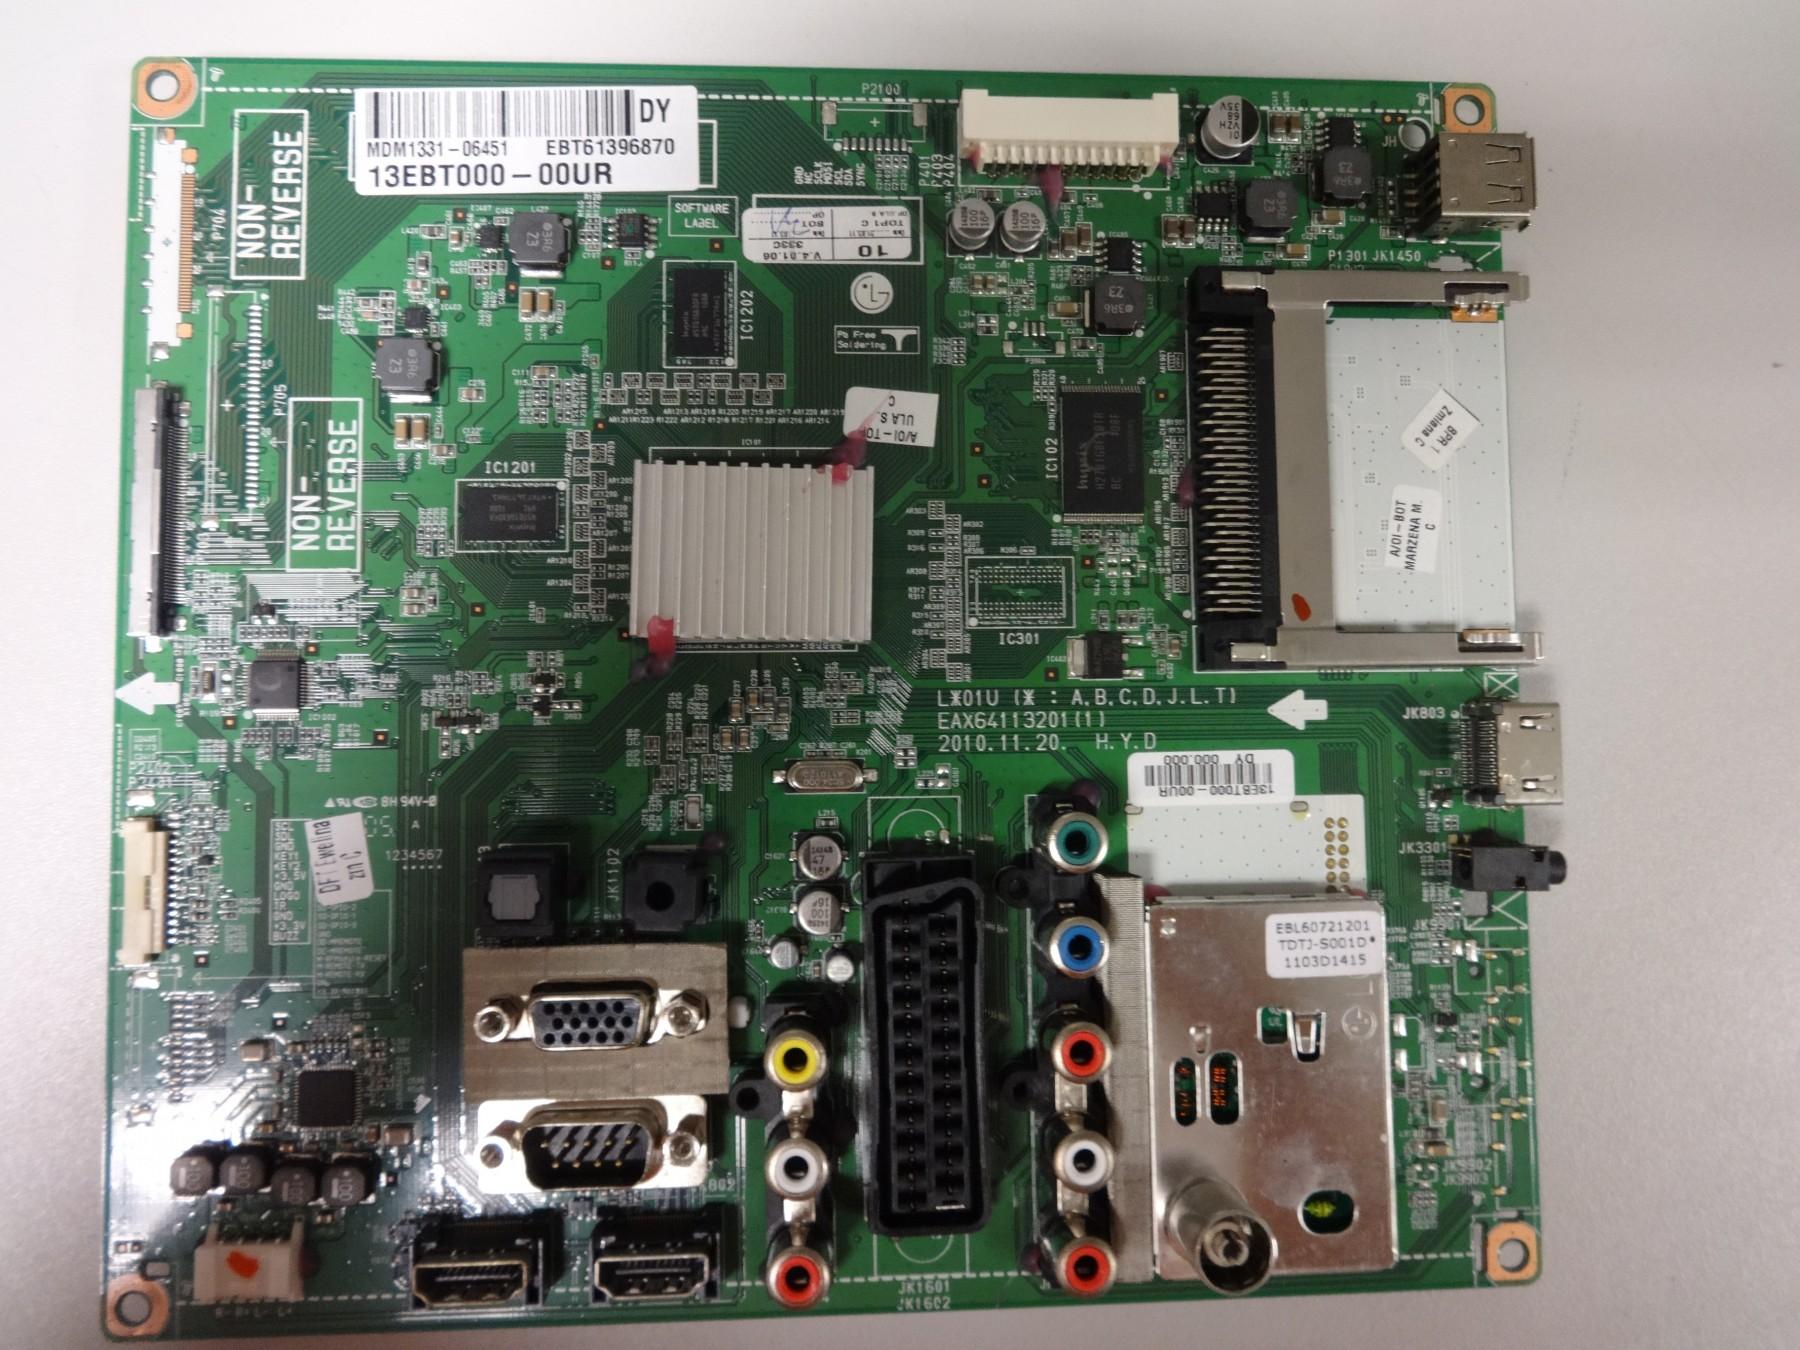 ПлаткаMAIN AV EAX64113201(1) EBT61396870